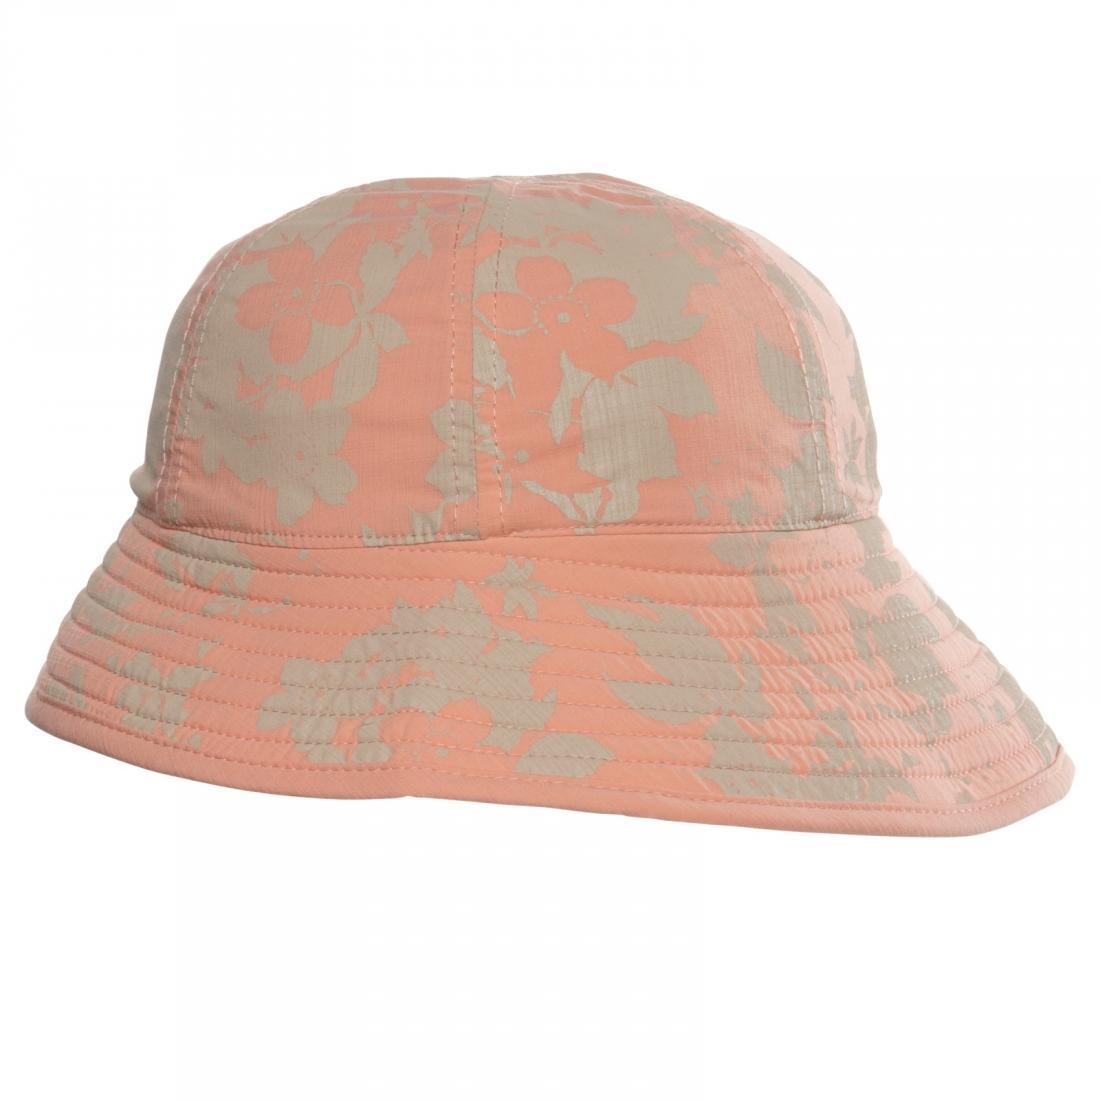 Панама Chaos  Summit Beach Hat (женс)Панамы<br><br> Элегантная женская панама Summit Beach Hat — это отличный пляжный вариант от Chaos. В ней можно не беспокоиться о том, что жаркое солнце напечет голову. Благодаря оригинальному дизайну эта модель станет ярким дополнением образа.<br><br><br>Б...<br><br>Цвет: Розовый<br>Размер: S-M